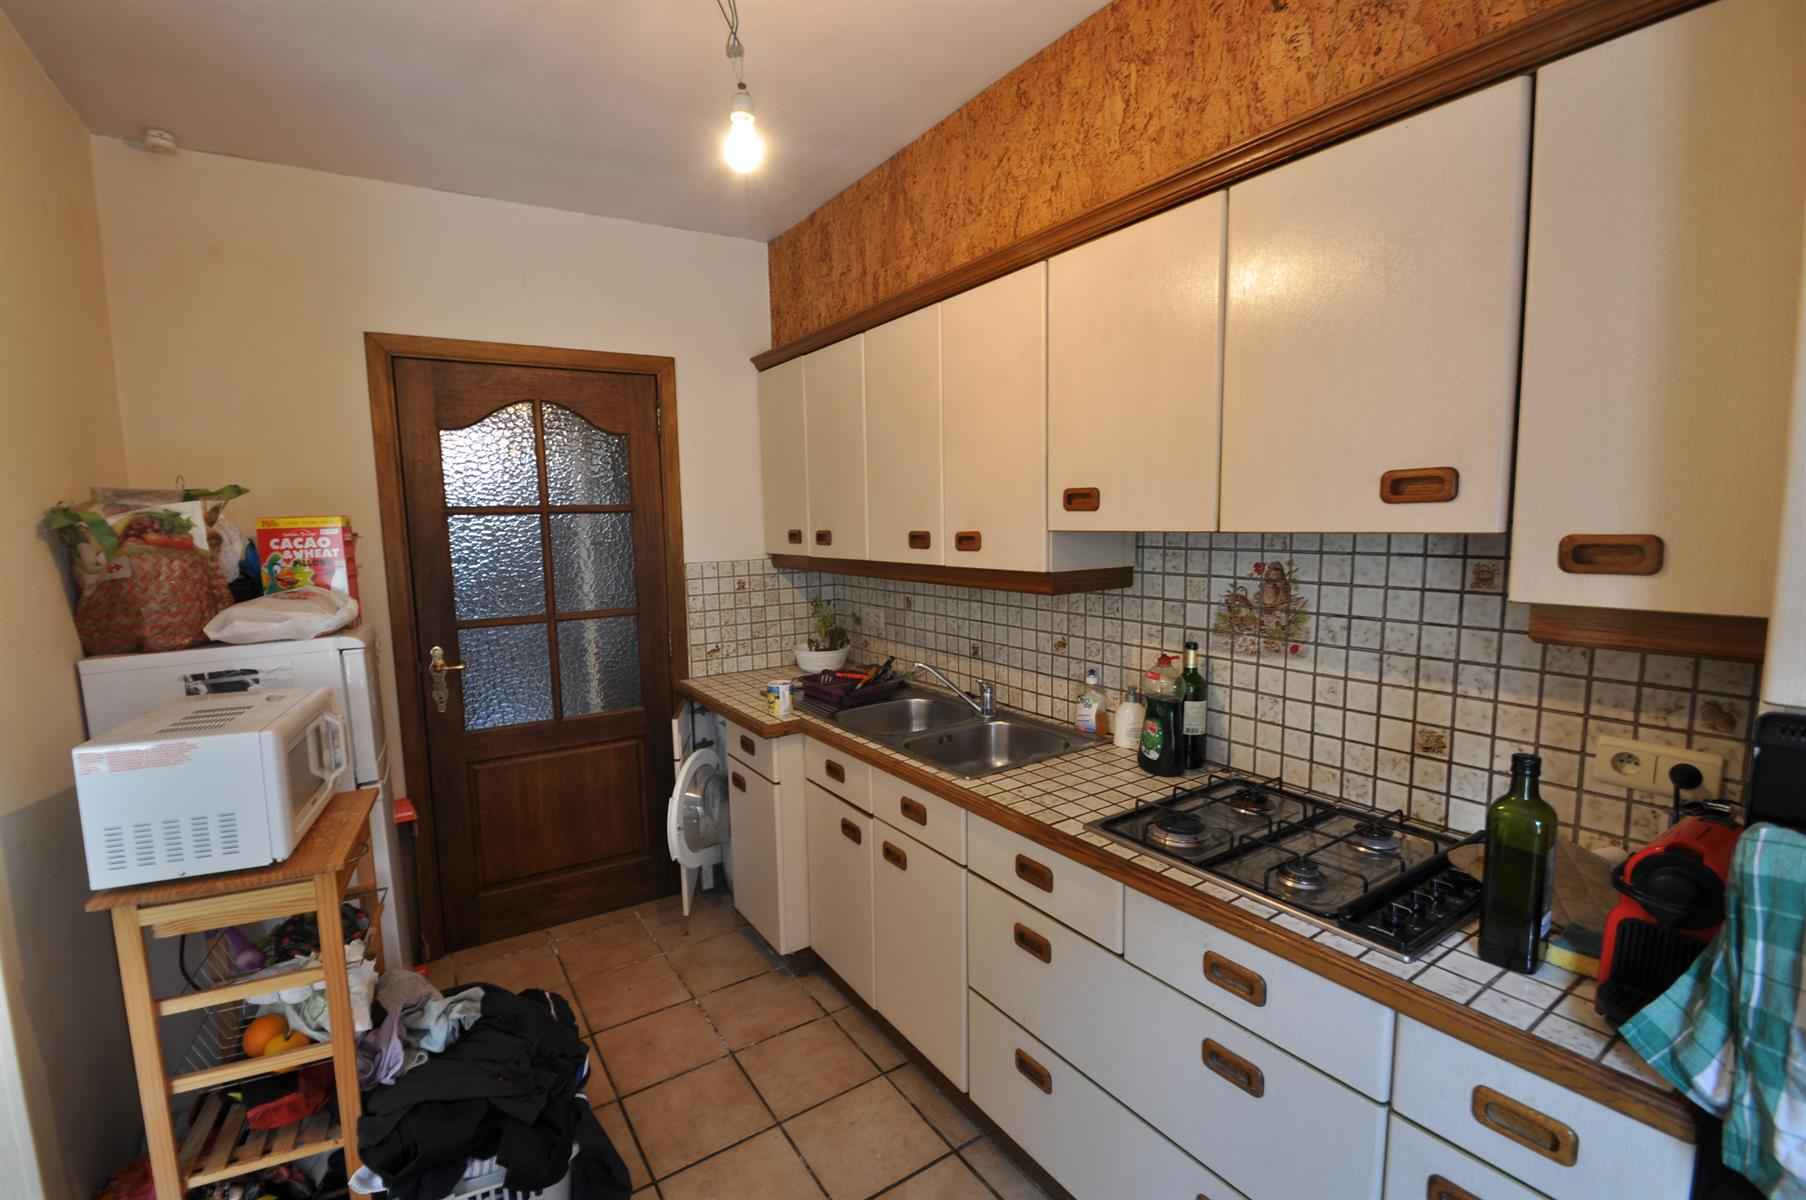 Huis - Liege - #4162299-3